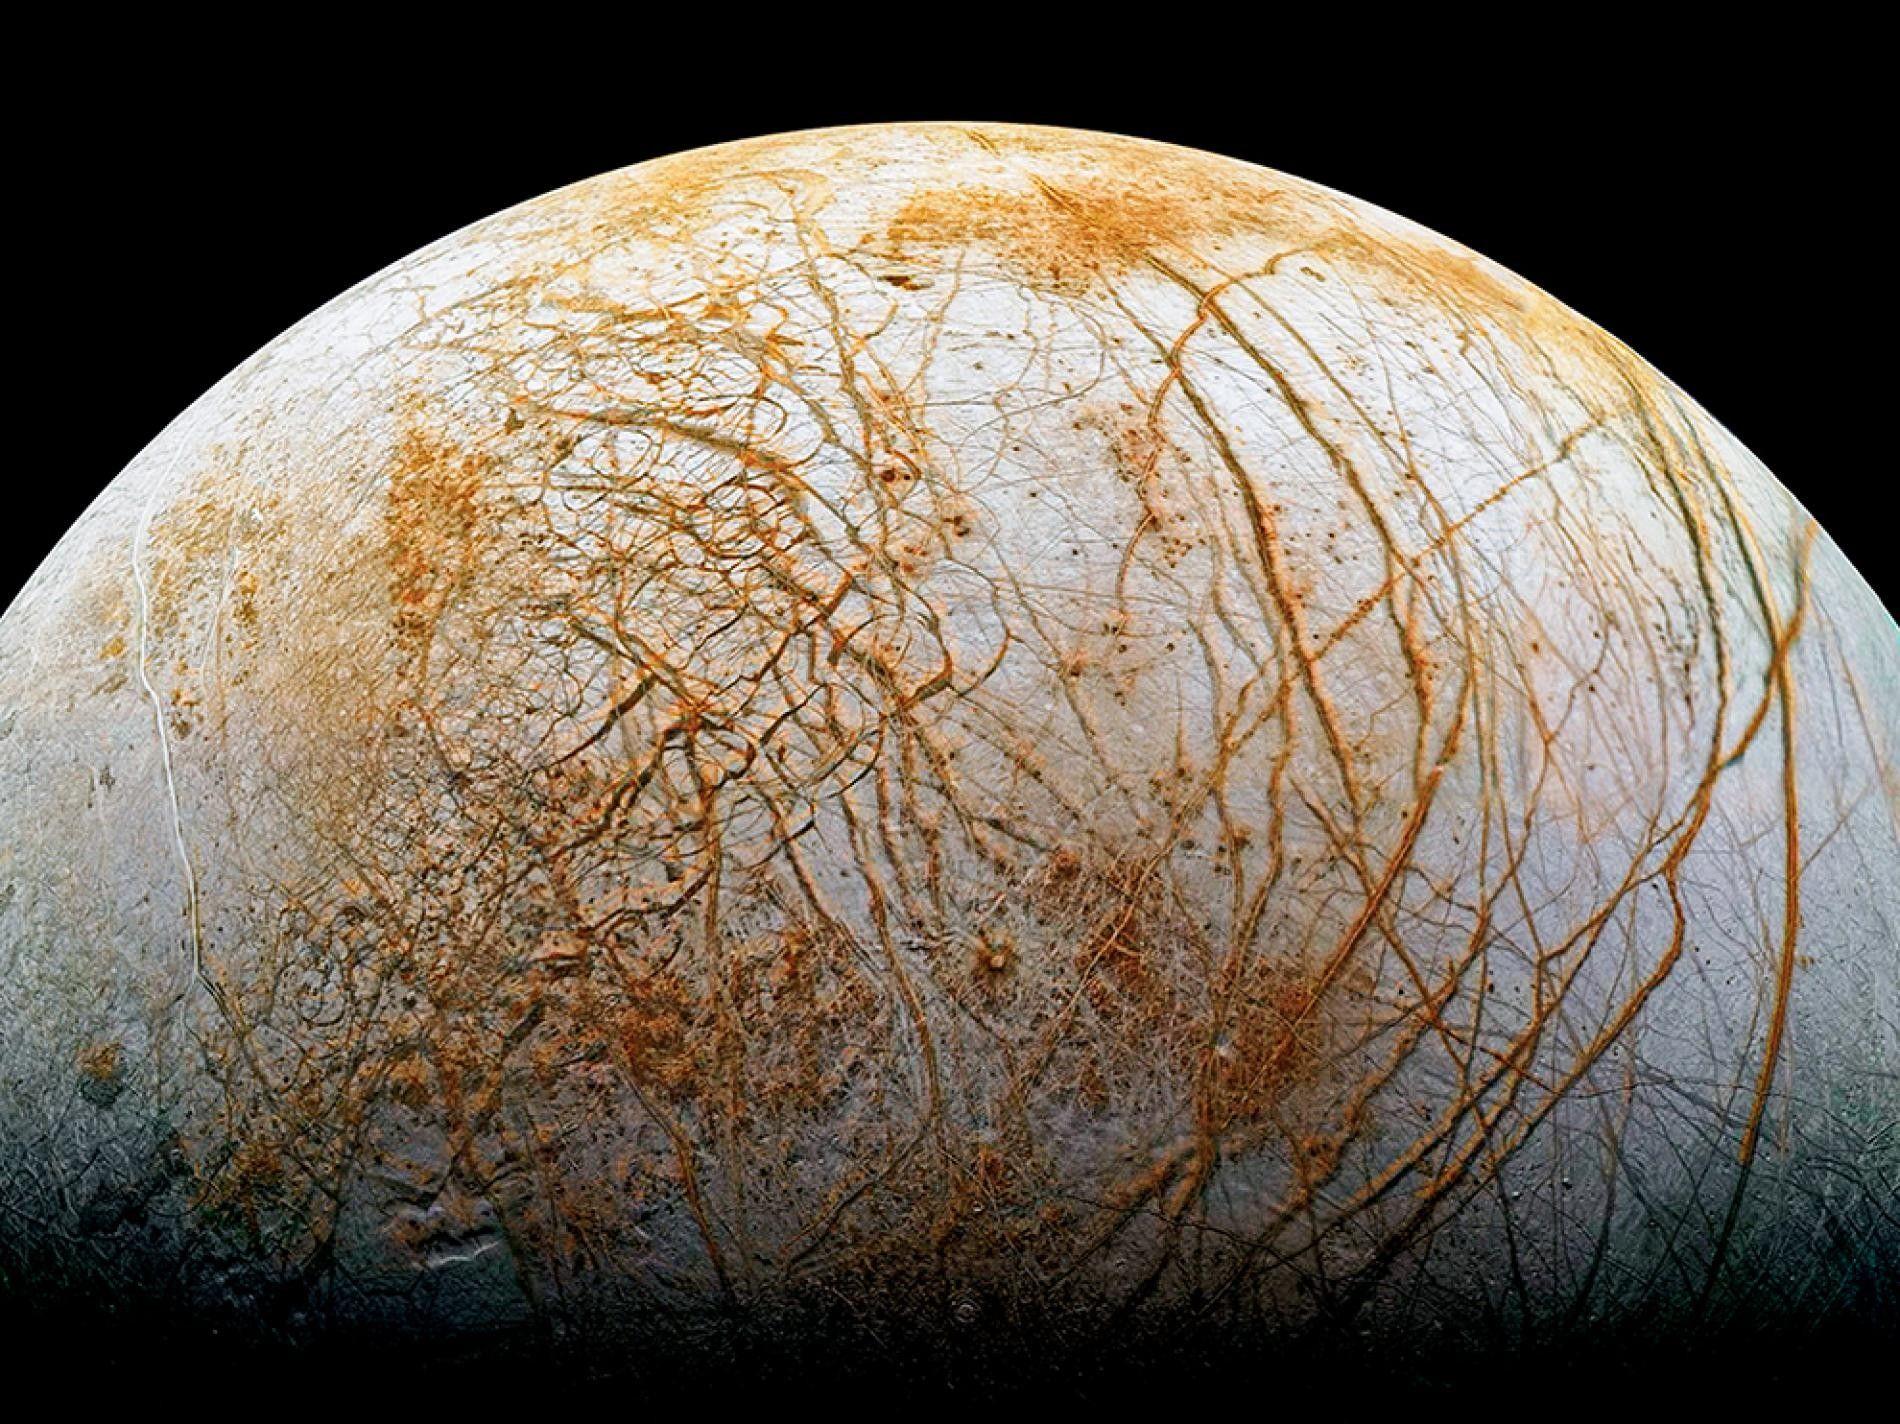 Découverte : Europe, l'une des lunes de Jupiter, serait recouverte de sel | National Geographic